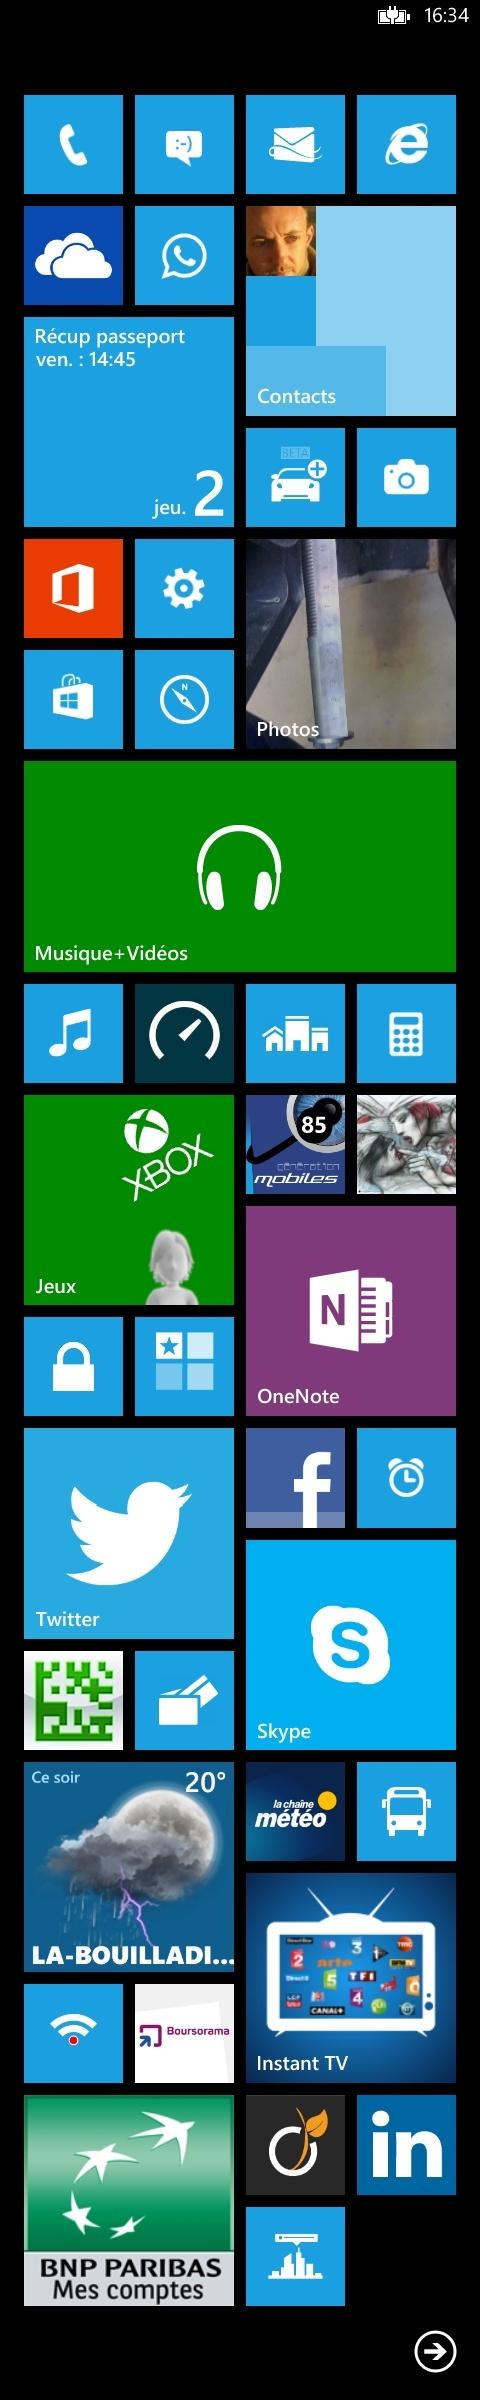 [DISCUSSION] Et vous comment avez vous personnalisez votre Windows Phone - Page 2 Comple10